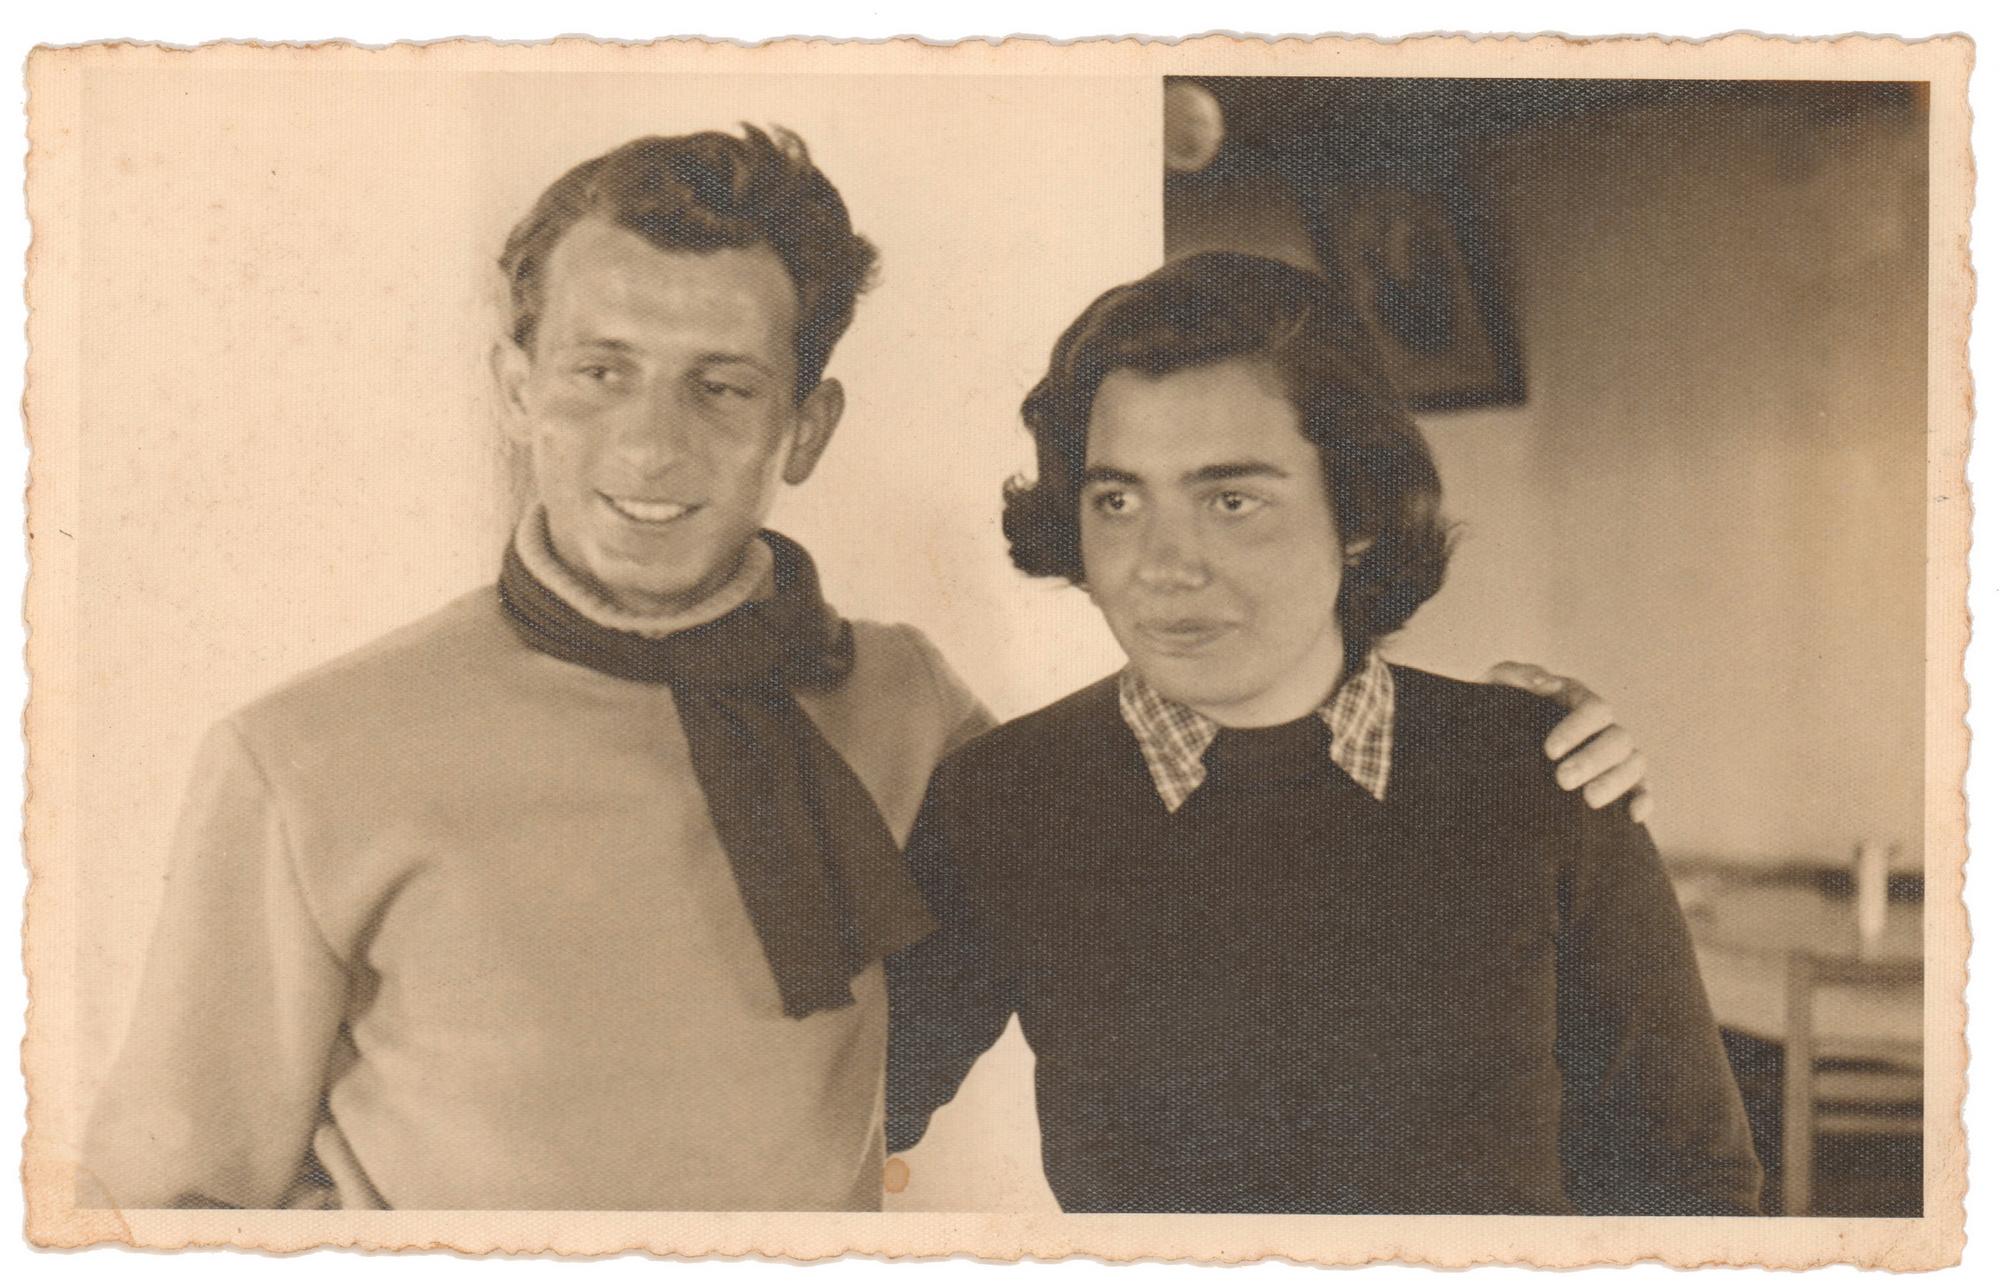 Haldun Dormen & Yıldız Moran 1947